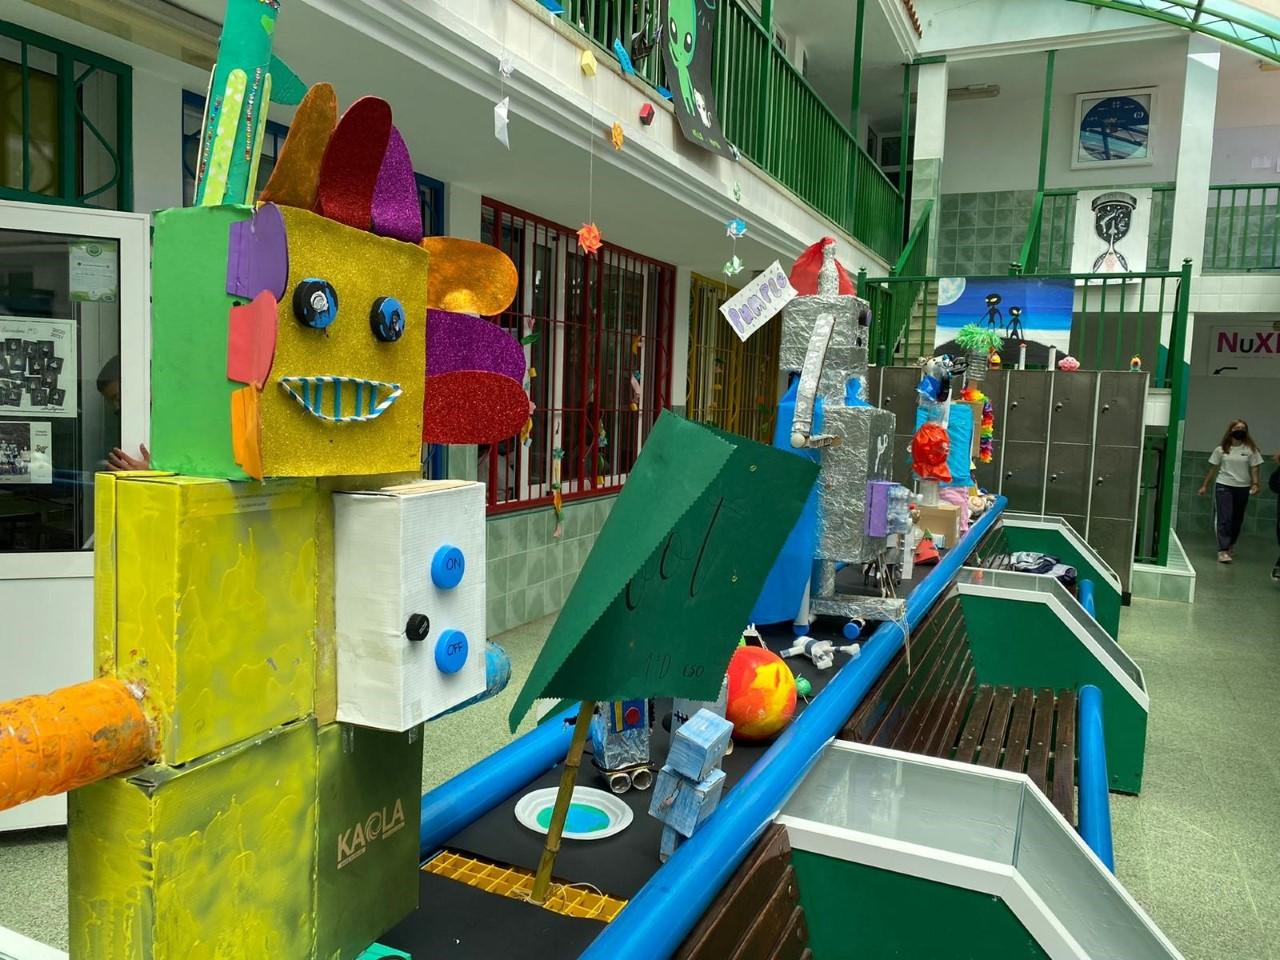 Robots y Alienígenas. Colegio Nuryana/ La Laguna